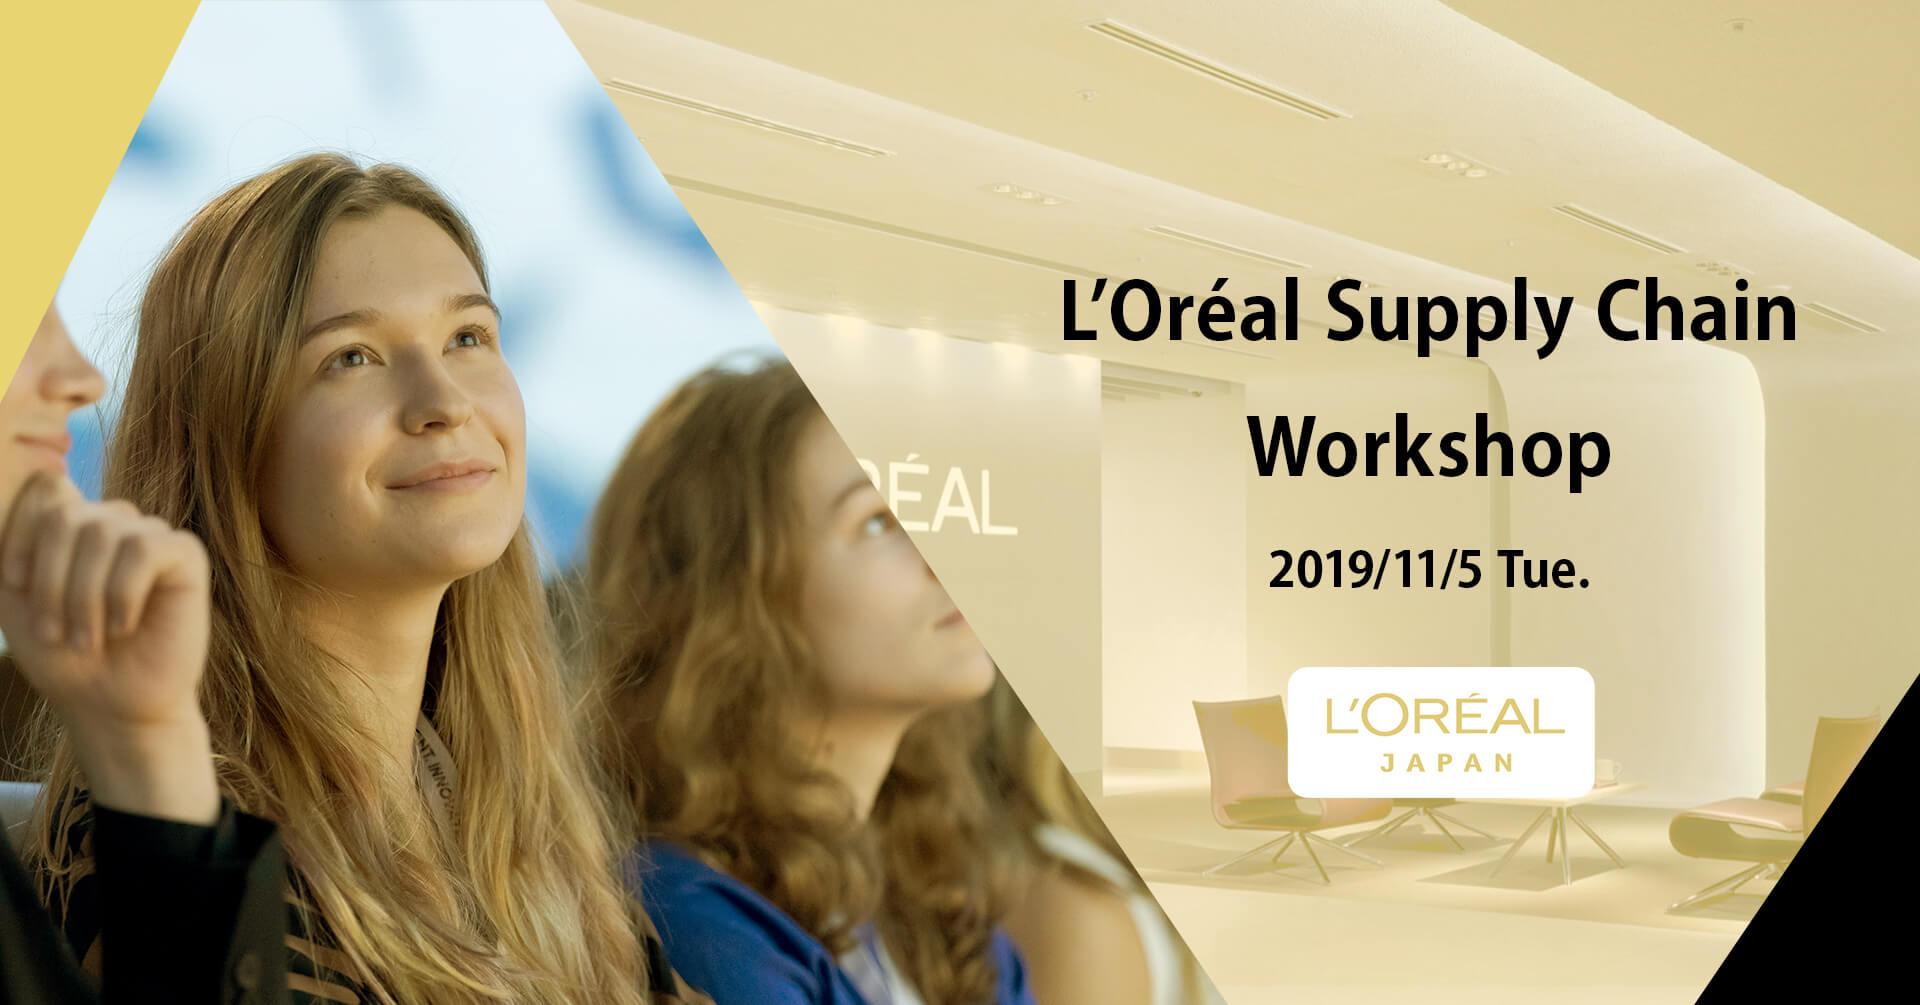 Beauty Tech Companyと考える物流の未来  L'Oréal Supply Chain Workshop開催